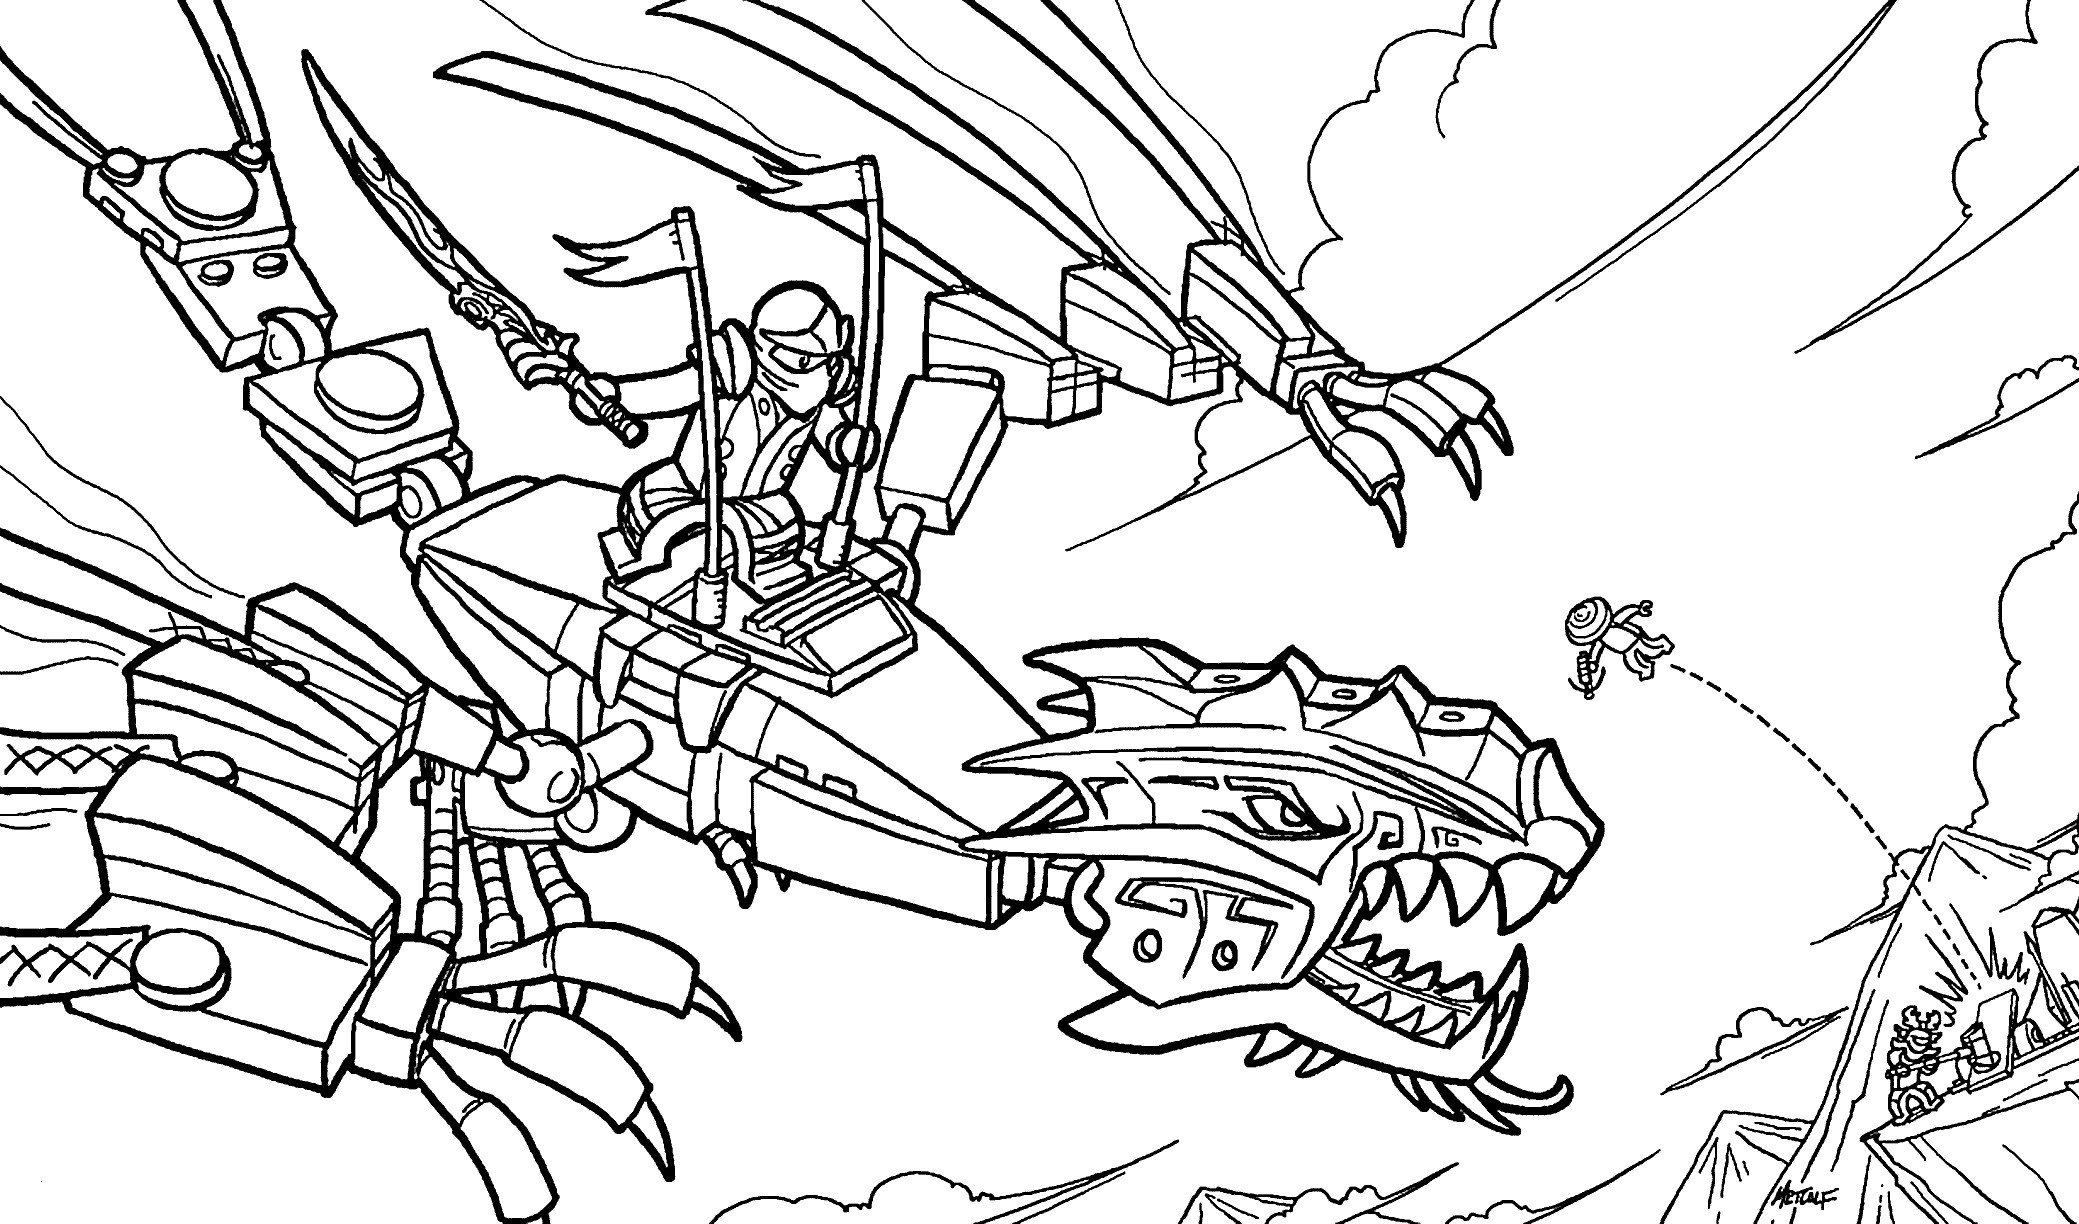 Ninjago Zane Ausmalbilder Einzigartig Ninjago Coloring Pages for Kids Printable Free Best Ausmalbilder Stock